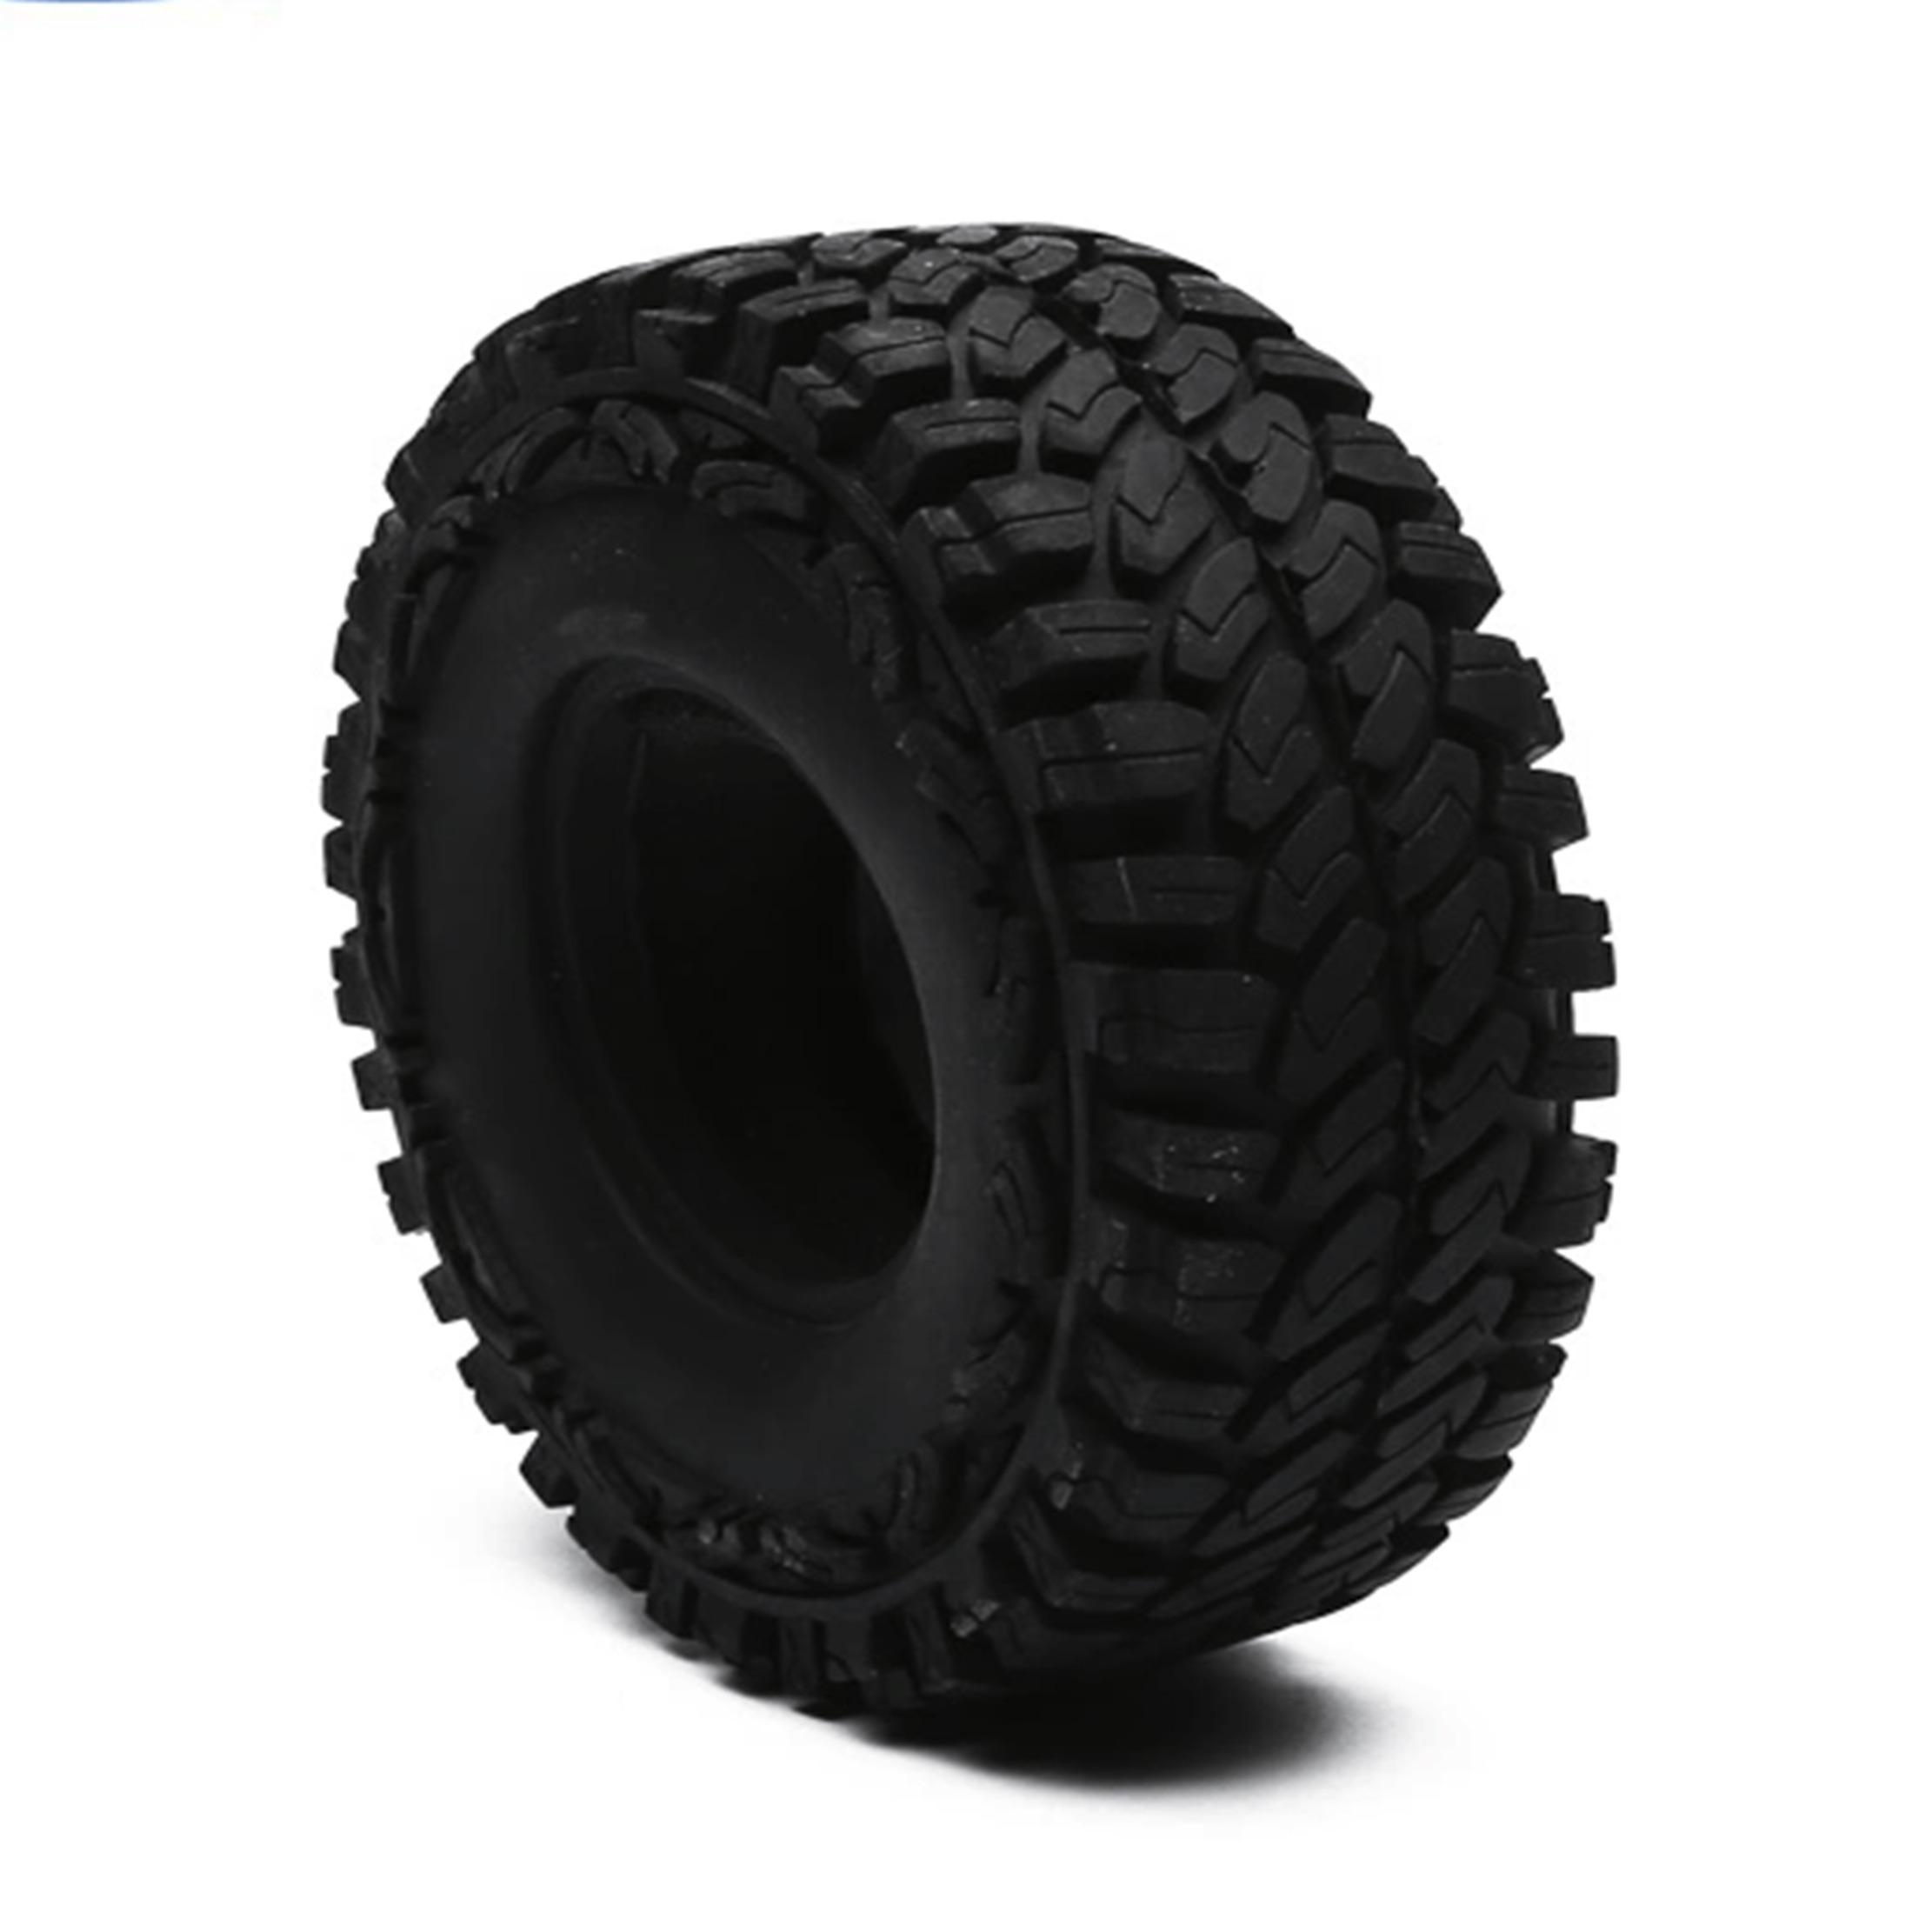 Neumático CJG RC 1/10 Escala Traxxas  Rock Crawler (4 piezas)